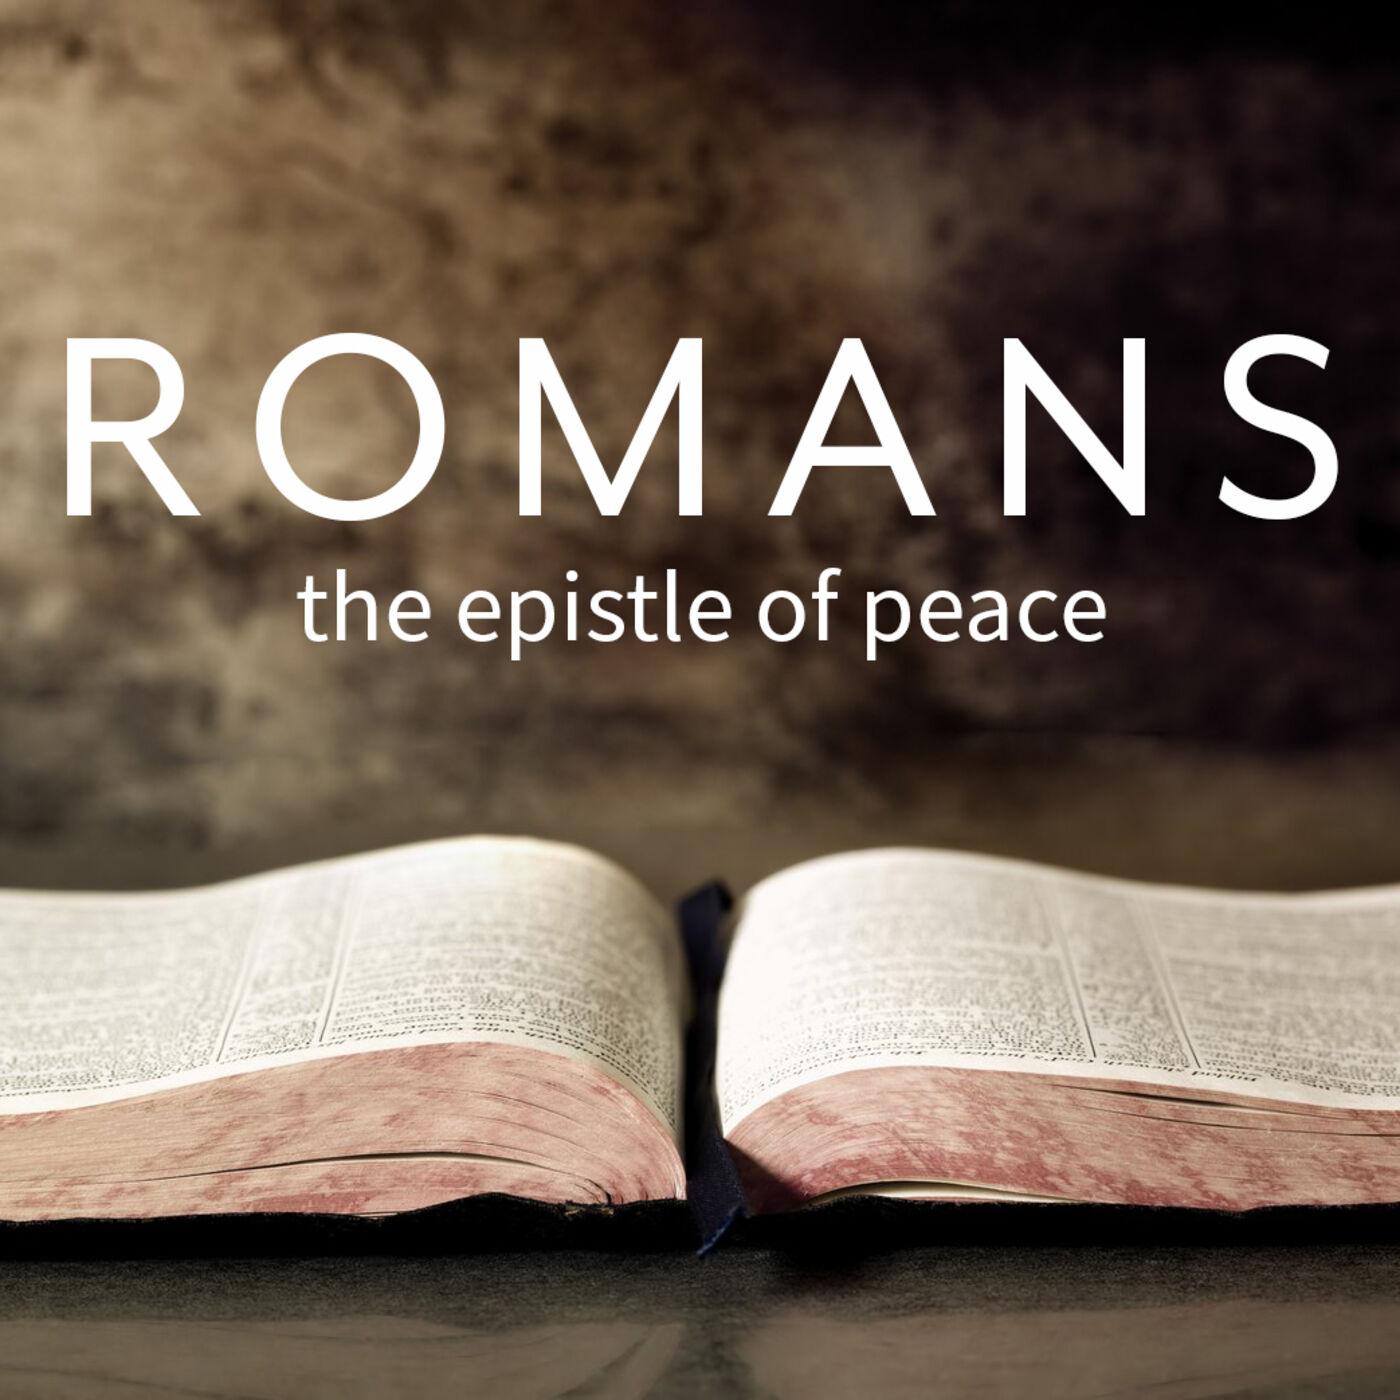 Romans: The Epistle of Peace (part 3)